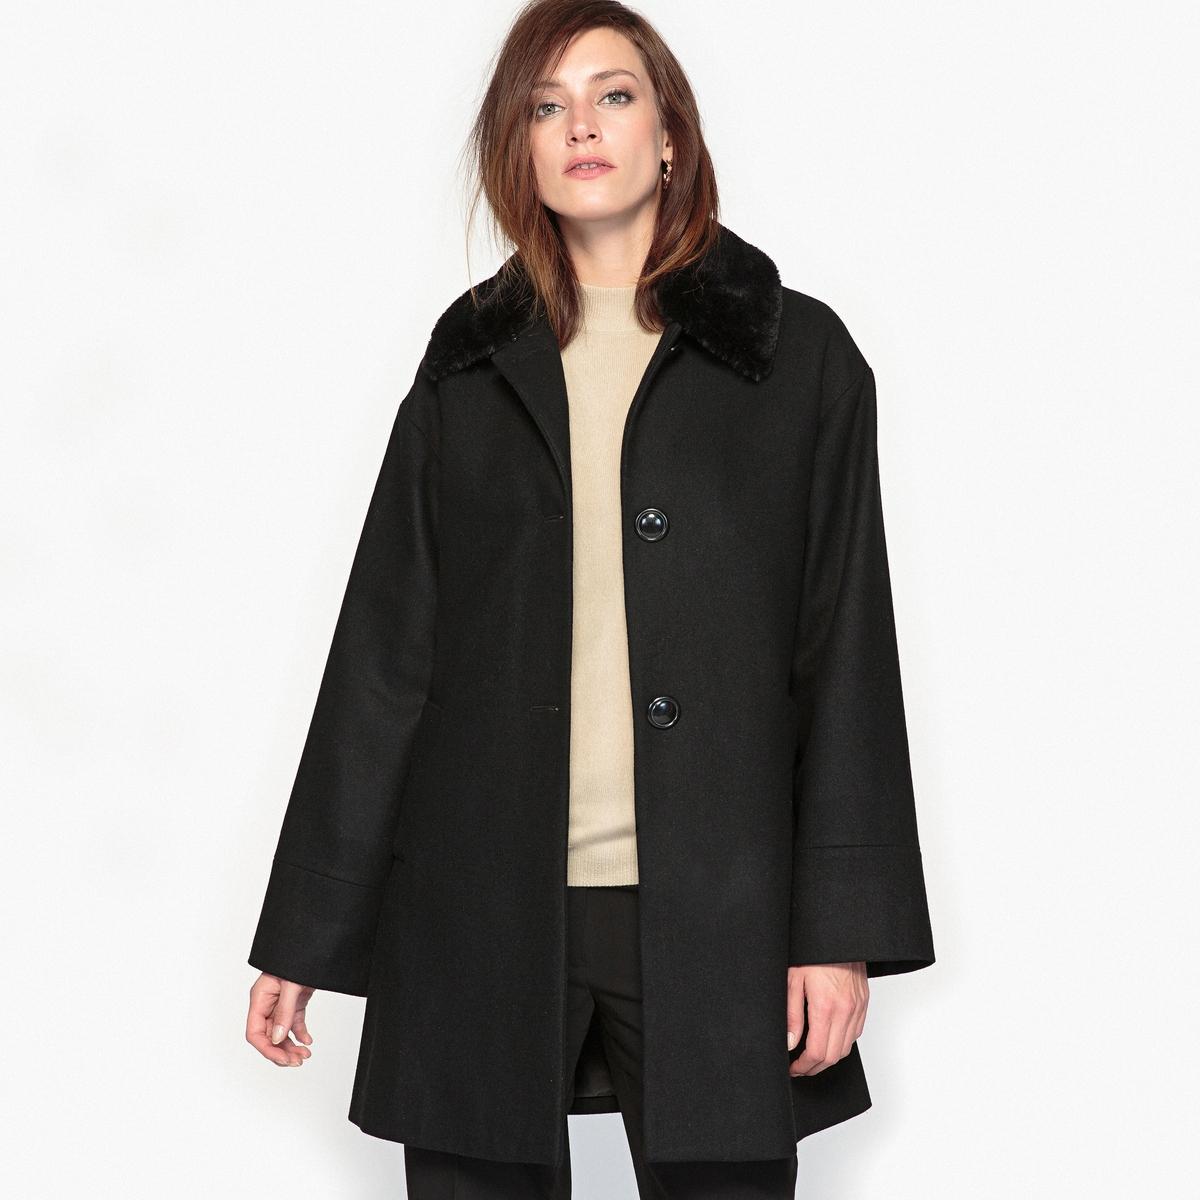 Пальто расклешённое с воротником с искусственным мехомОписаниеРасширяющийся к низу покрой в стиле плаща, теплое и удобное пальто . Красивый стильный воротник с имитацией меха согреет вас .Детали •  Длина : средняя •  Воротник-поло, рубашечный • Застежка на пуговицыСостав и уход •  57% шерсти, 33% полиэстера, 10% других волокон •  Подкладка : 100% полиэстер •  Вторичный материал : 100% полиэстер •  Tемпература стирки 30° на деликатном режиме Деликатная сухая чистка / не отбеливать •  Не использовать барабанную сушку •  Низкая температура глажки<br><br>Цвет: серо-коричневый,черный<br>Размер: 50 (FR) - 56 (RUS).46 (FR) - 52 (RUS).44 (FR) - 50 (RUS).42 (FR) - 48 (RUS).40 (FR) - 46 (RUS).52 (FR) - 58 (RUS).44 (FR) - 50 (RUS).42 (FR) - 48 (RUS).40 (FR) - 46 (RUS)